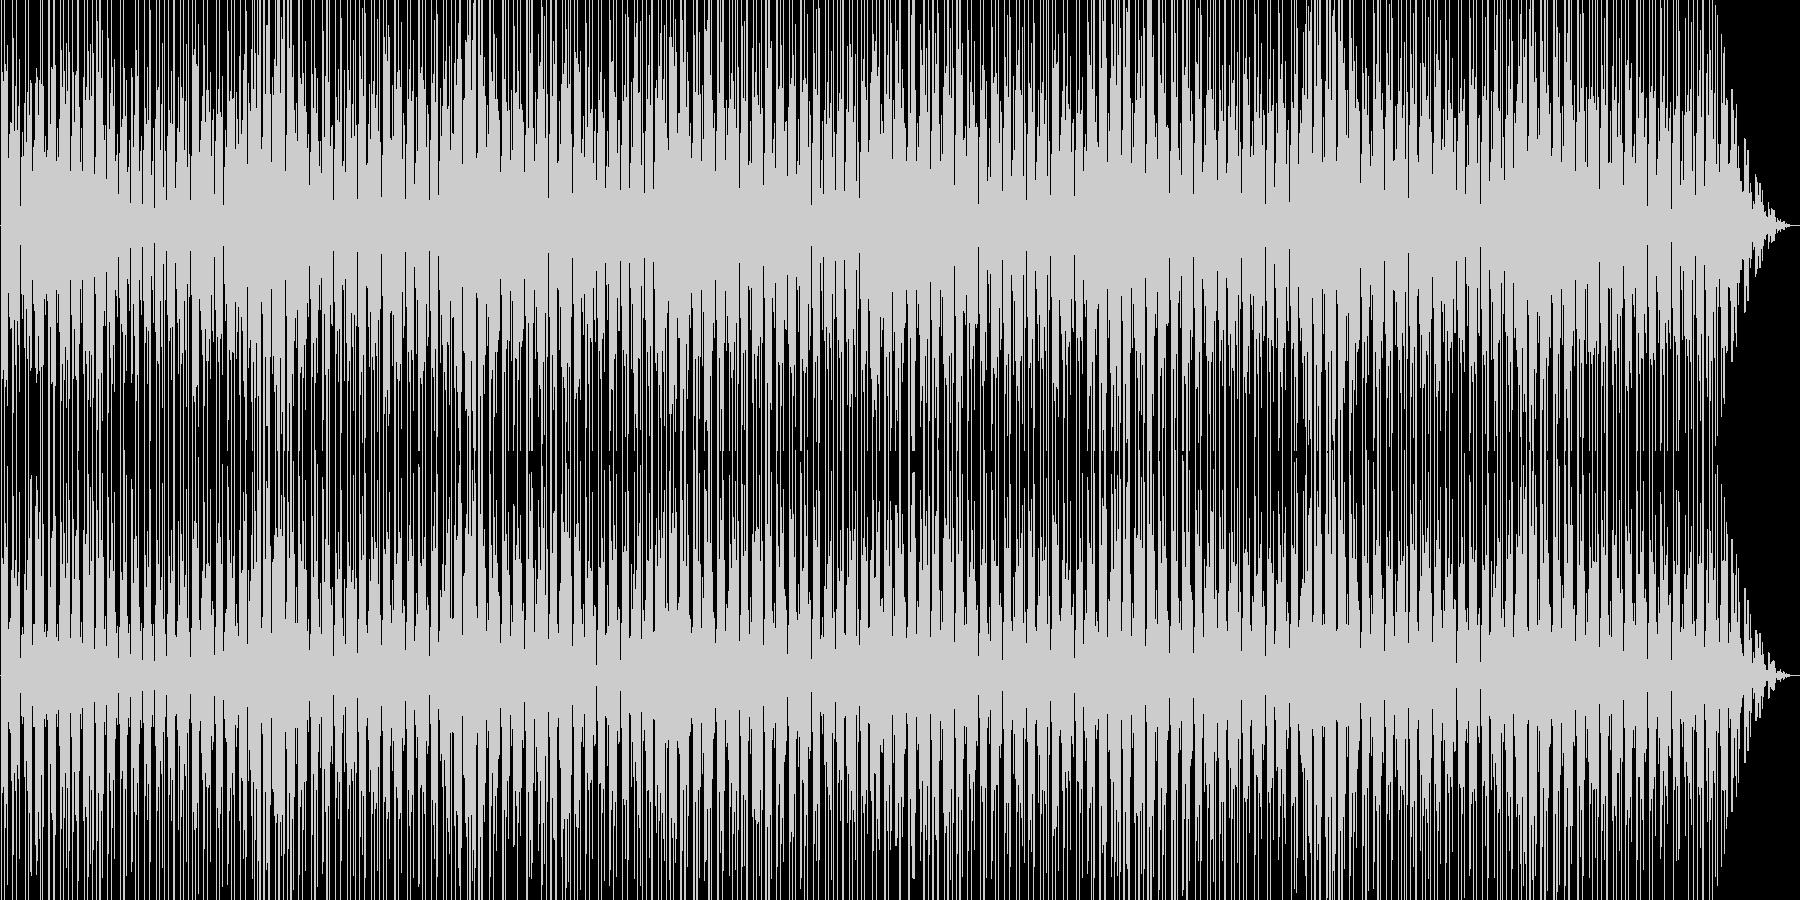 お洒落でキャッチーなシンセサイザーポップの未再生の波形